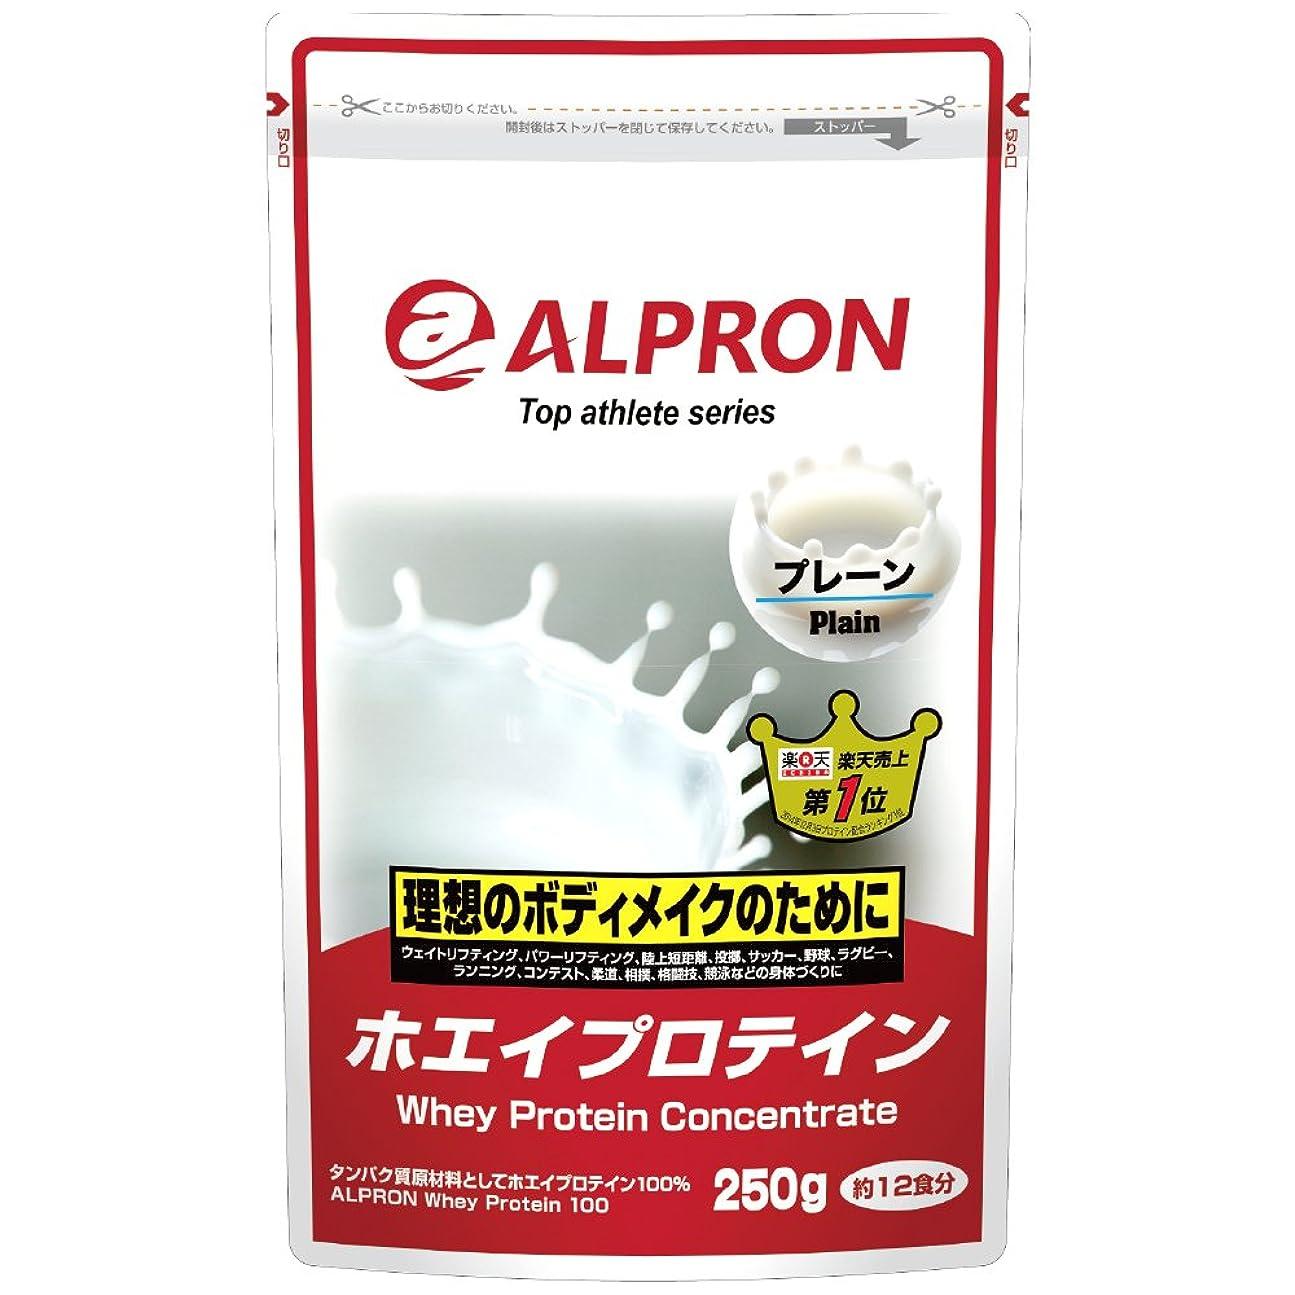 間モロニック打たれたトラックアルプロン ホエイプロテイン100 250g【約12食】無添加 プレーン(WPC ALPRON 国内生産)